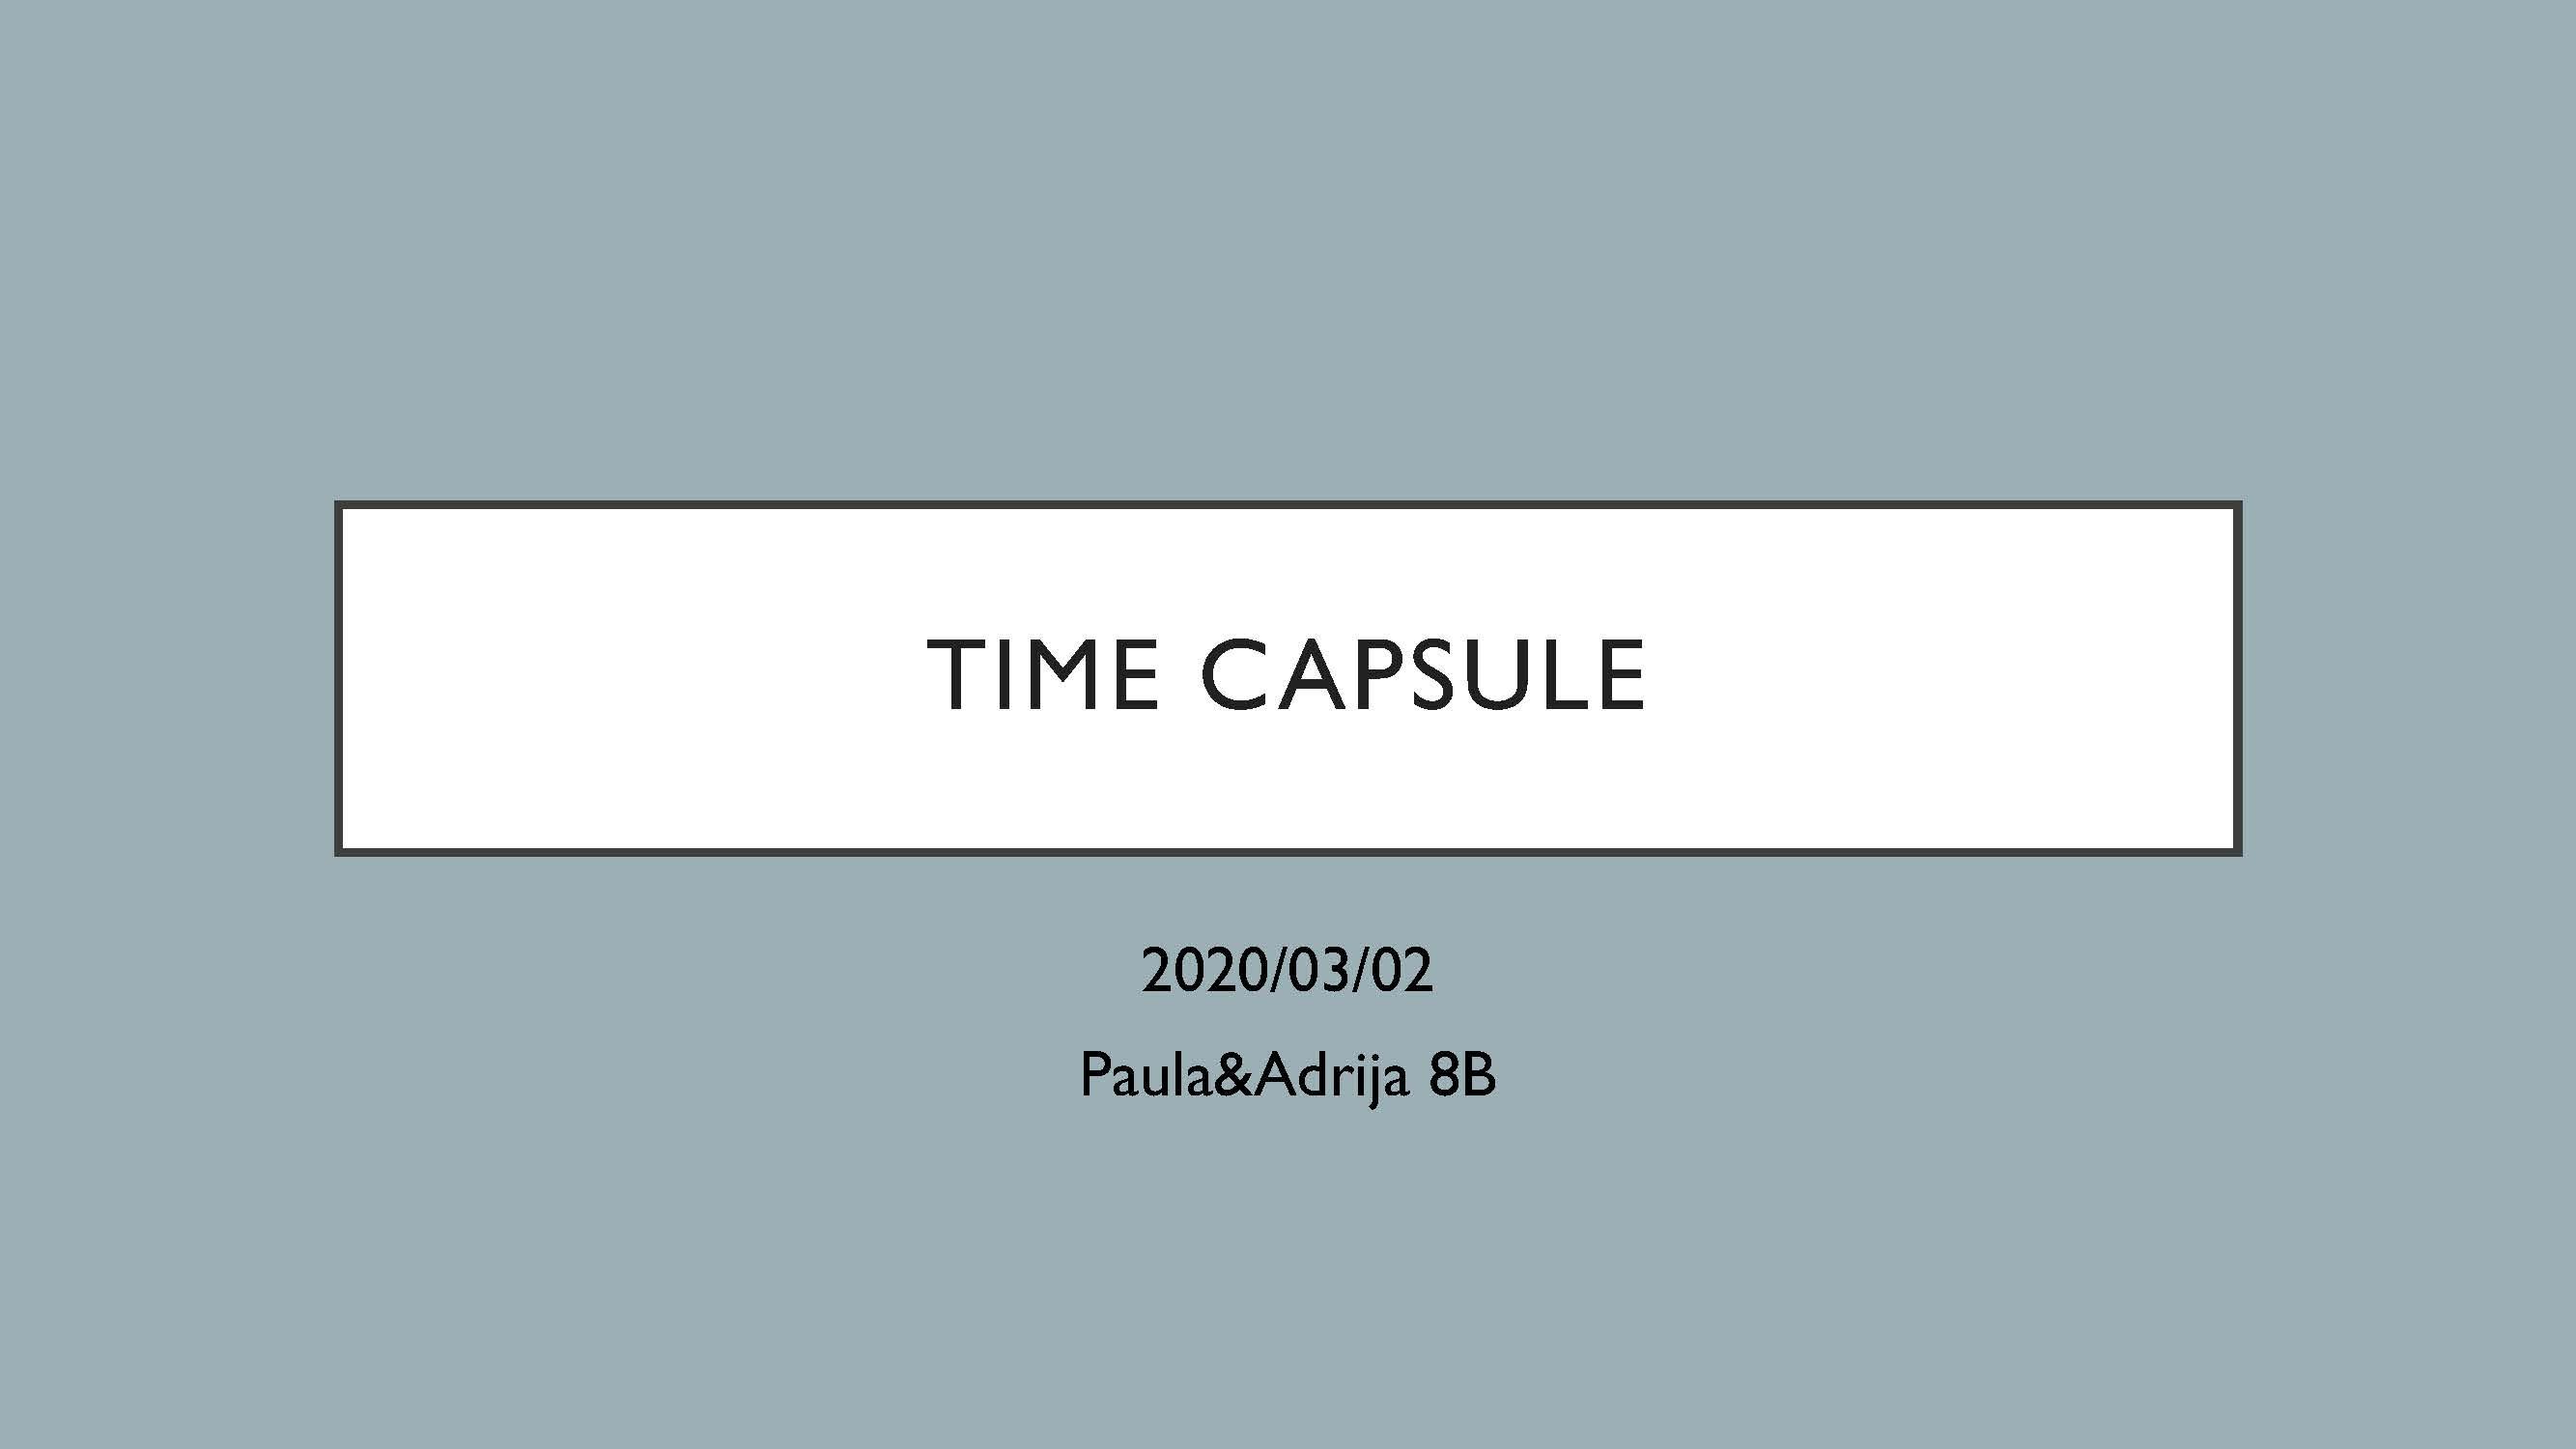 Time-capsule-paula-adrija_Page_1